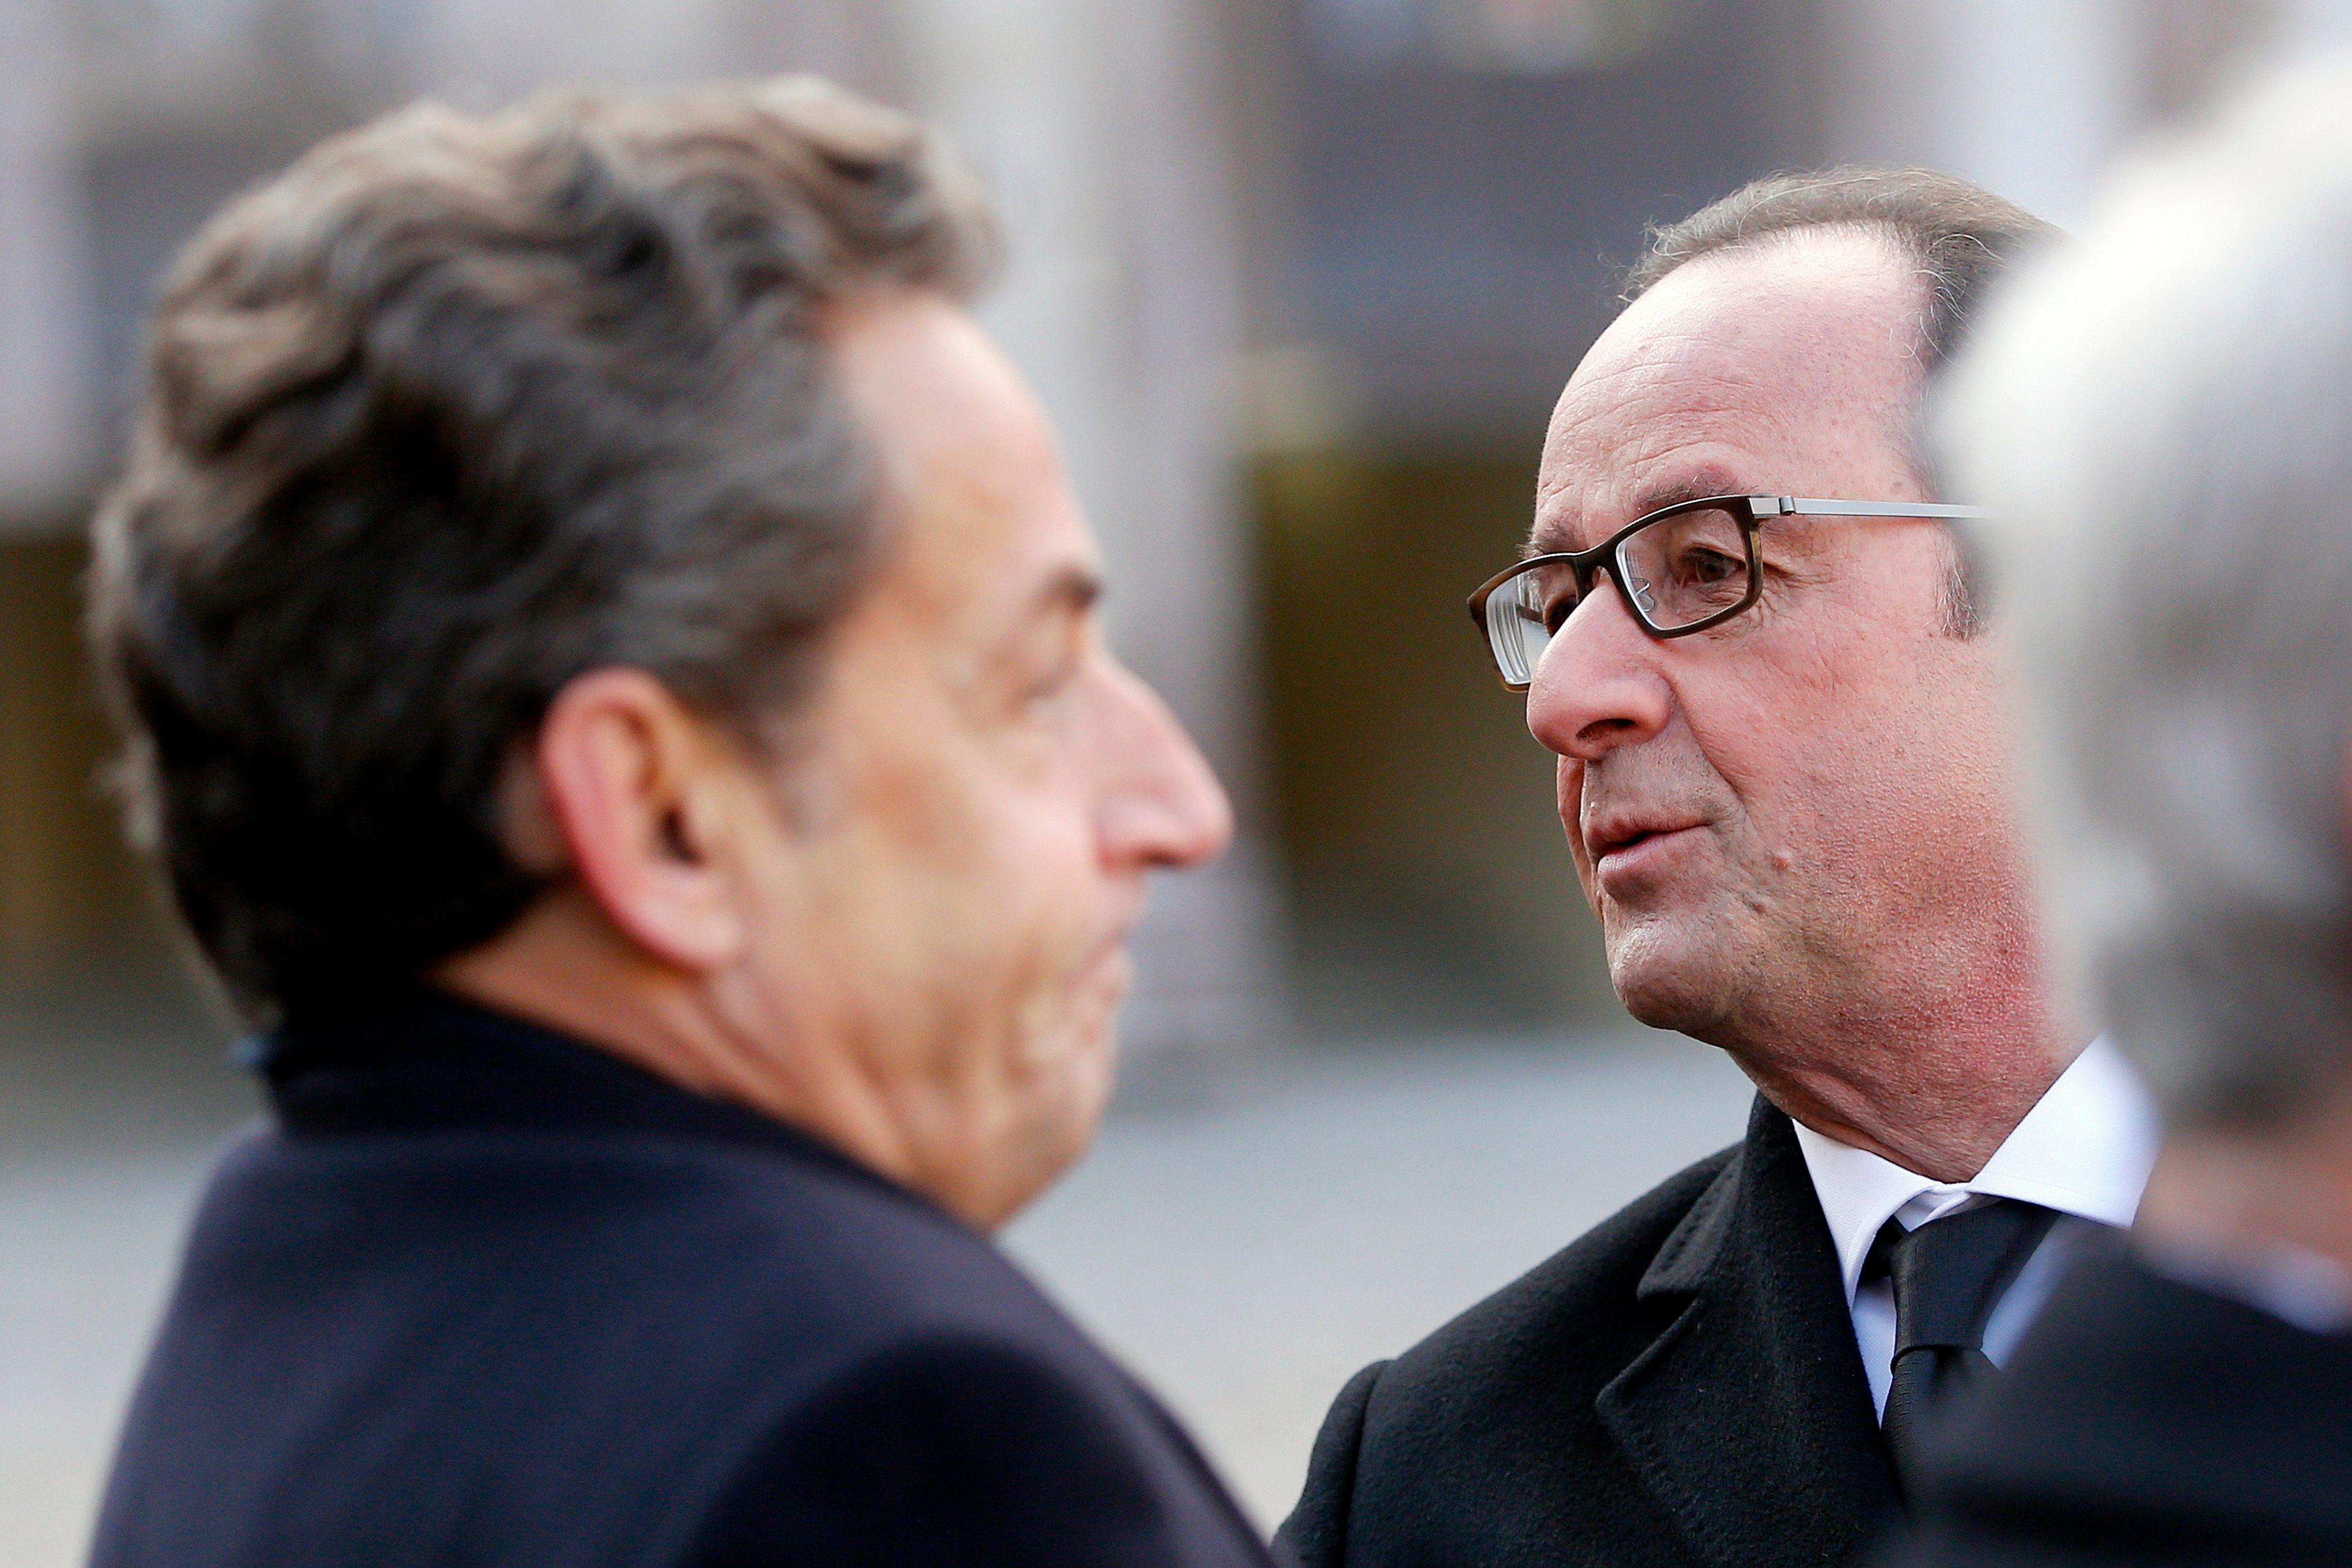 Sondage présidentielle 2017 : Hollande serait absent du second tour